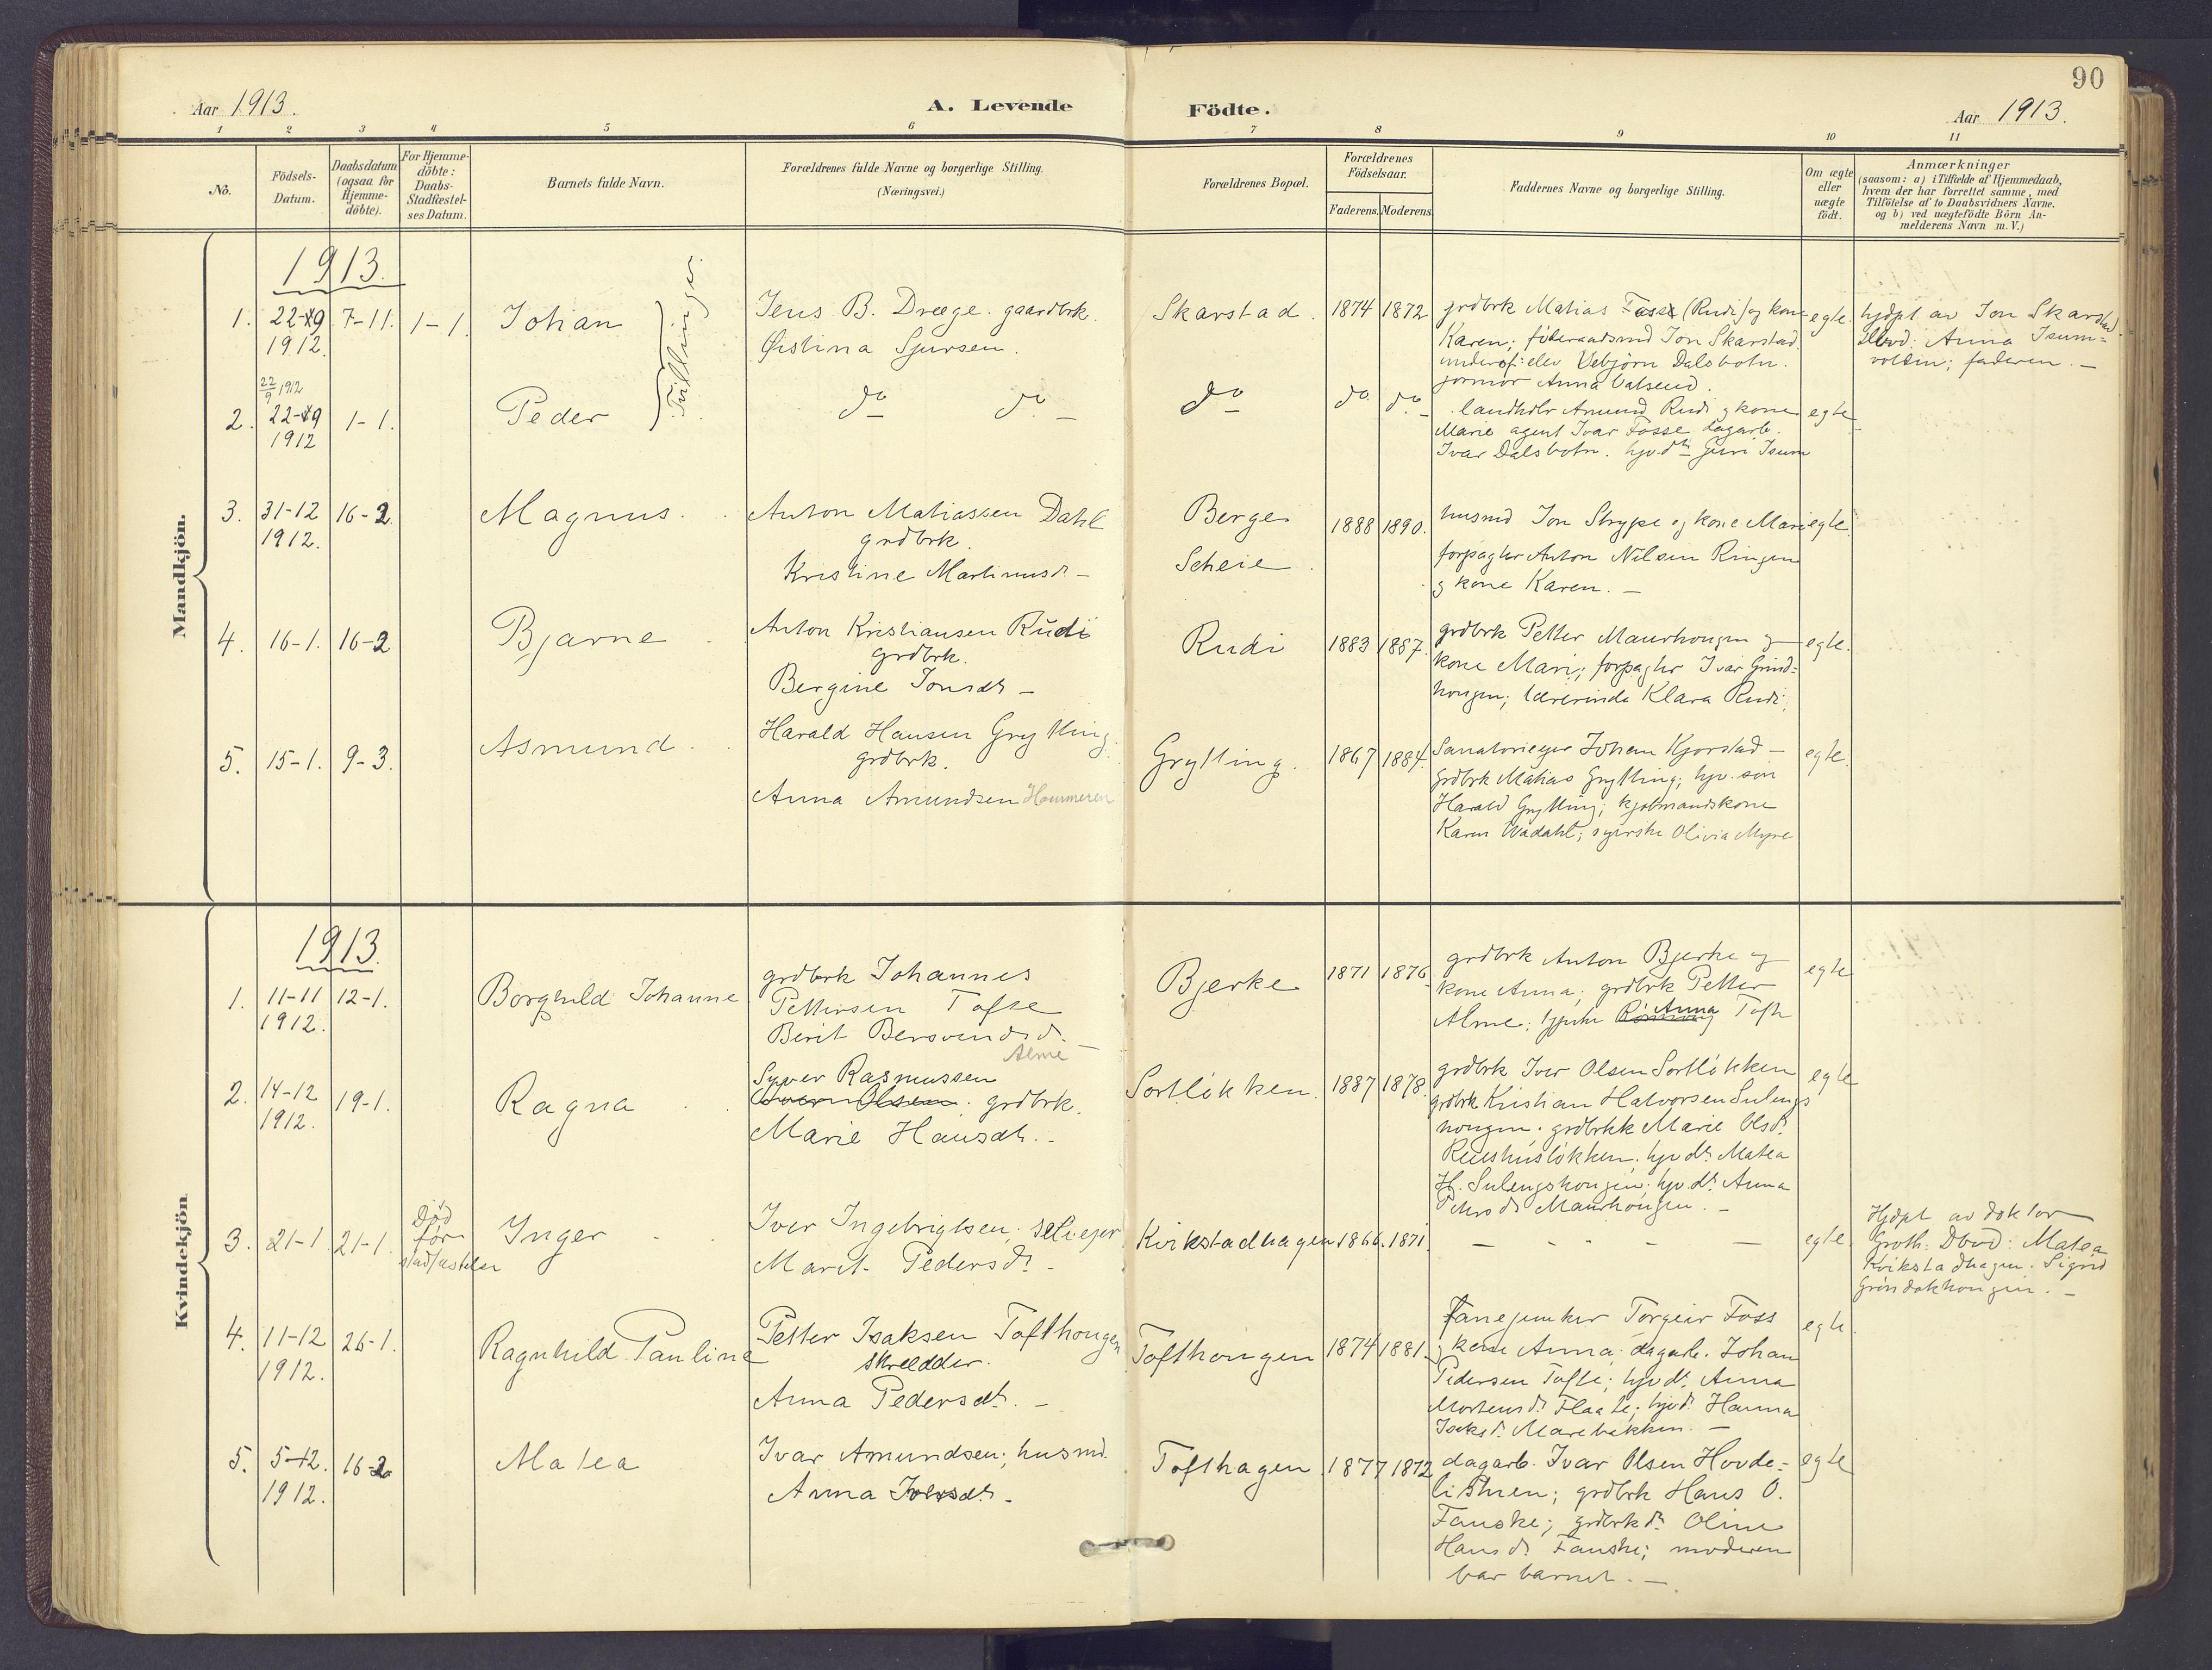 SAH, Sør-Fron prestekontor, H/Ha/Haa/L0004: Ministerialbok nr. 4, 1898-1919, s. 90